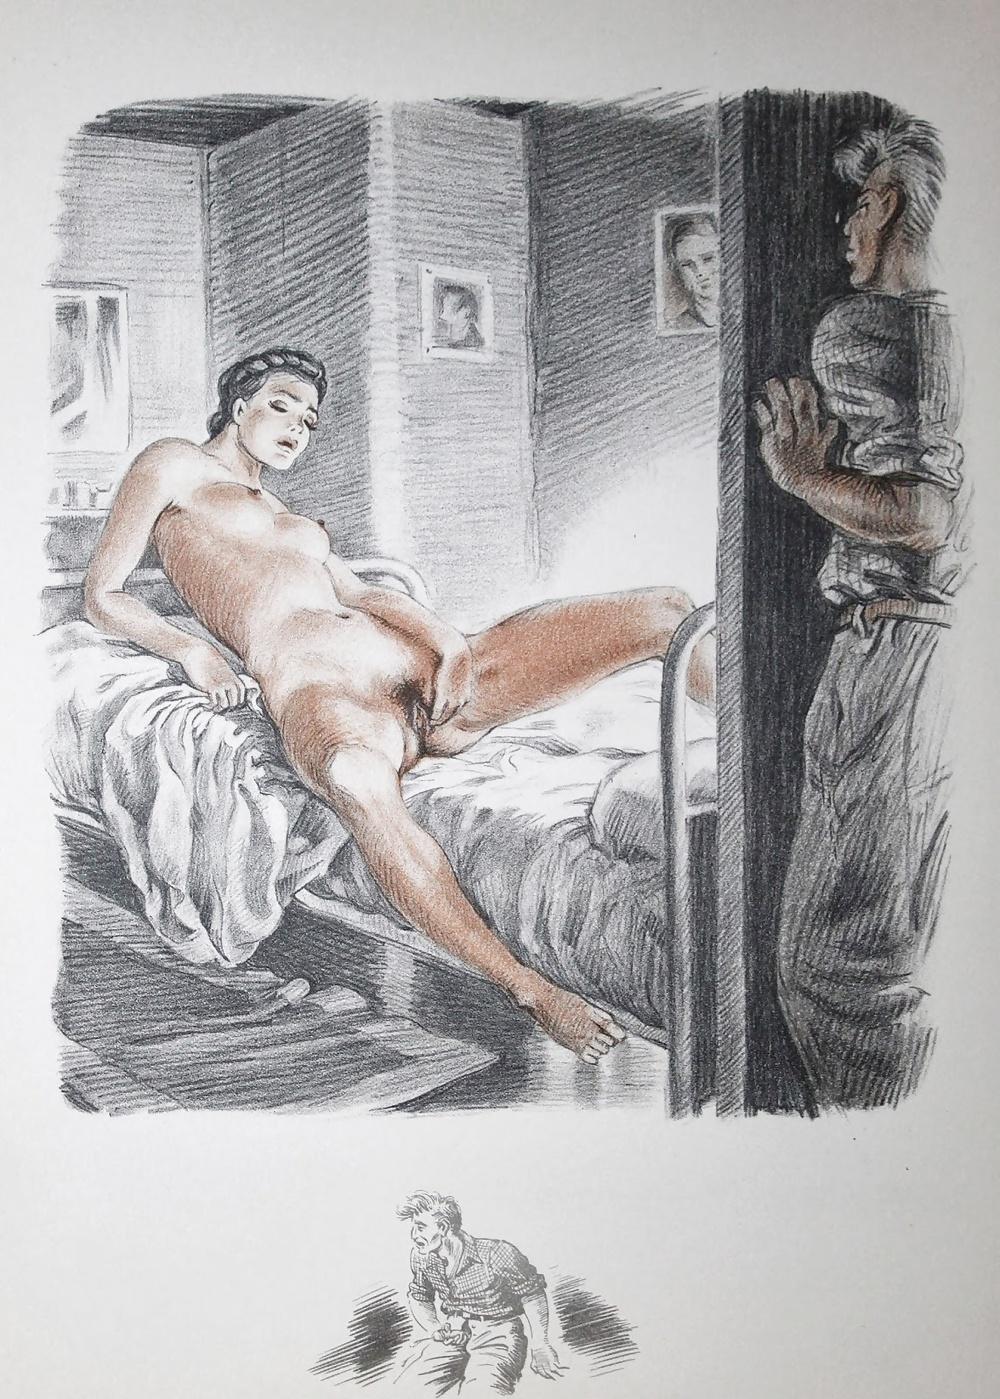 винтажная эротика рисунки